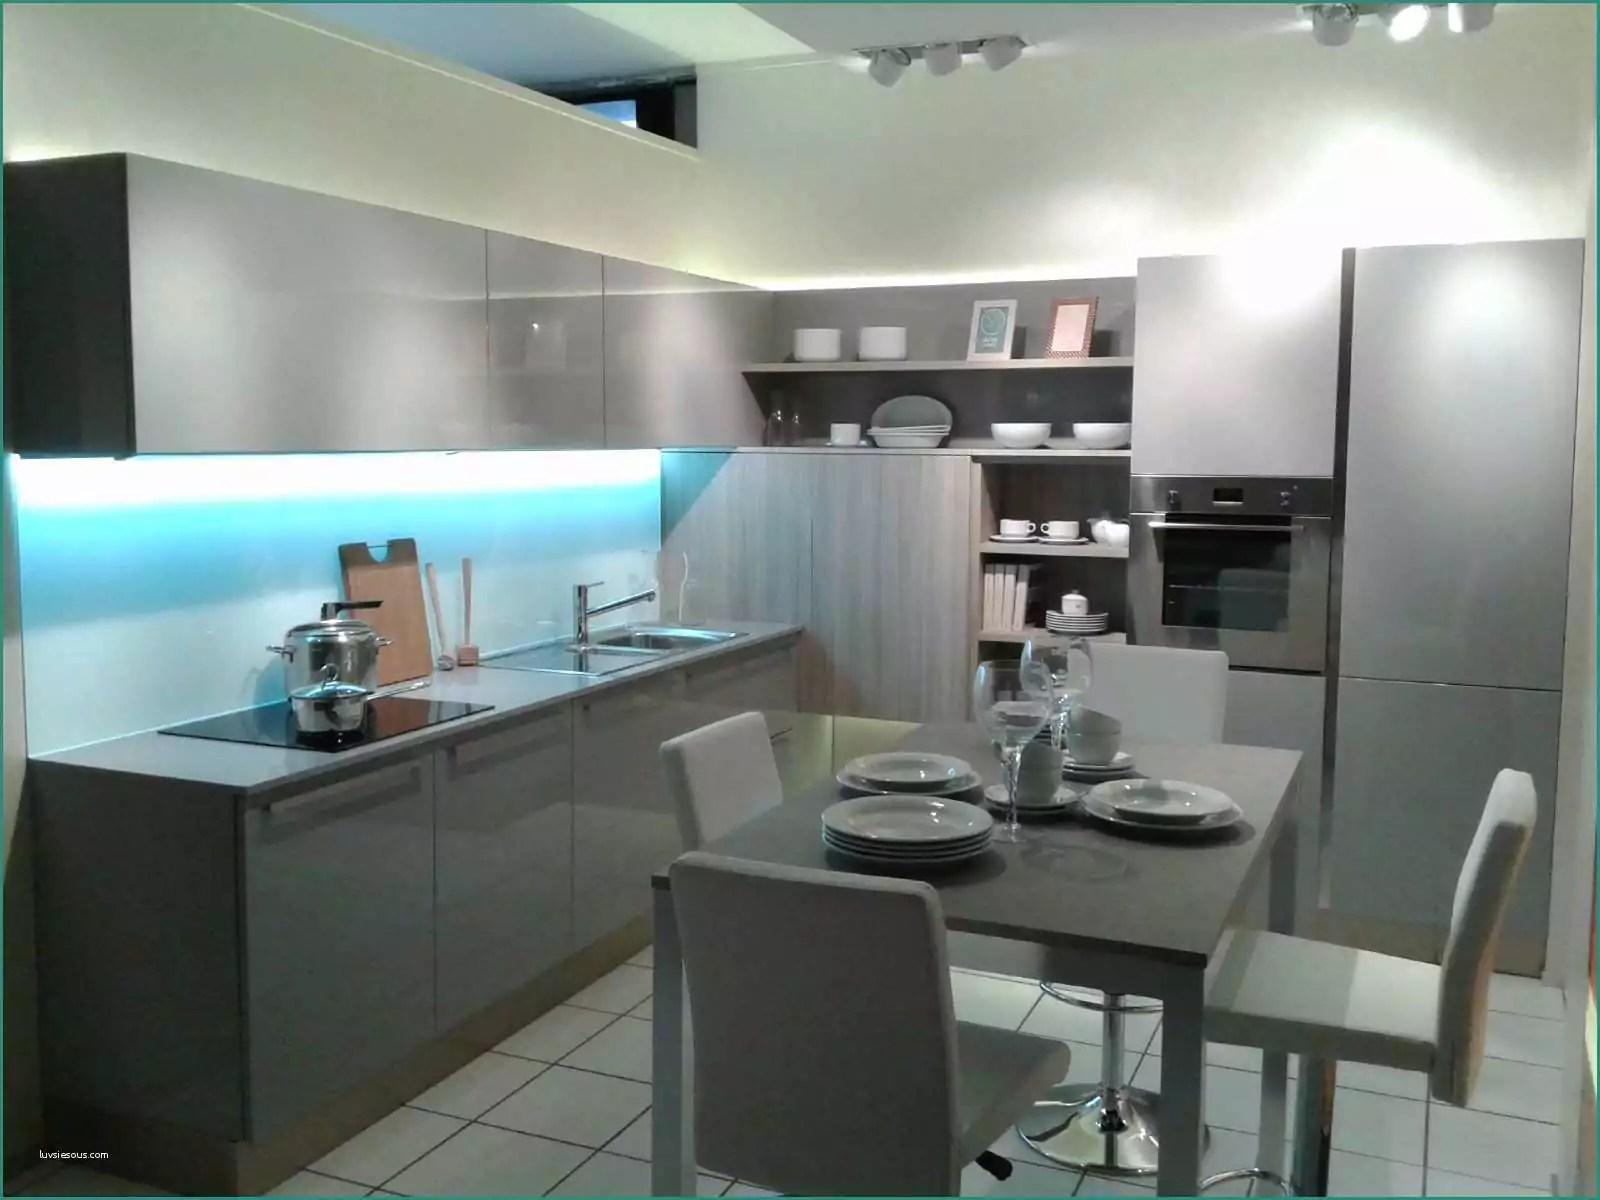 Veneta Cucine Tavoli E Ikea Catalogo Cucine Veneta Cucine